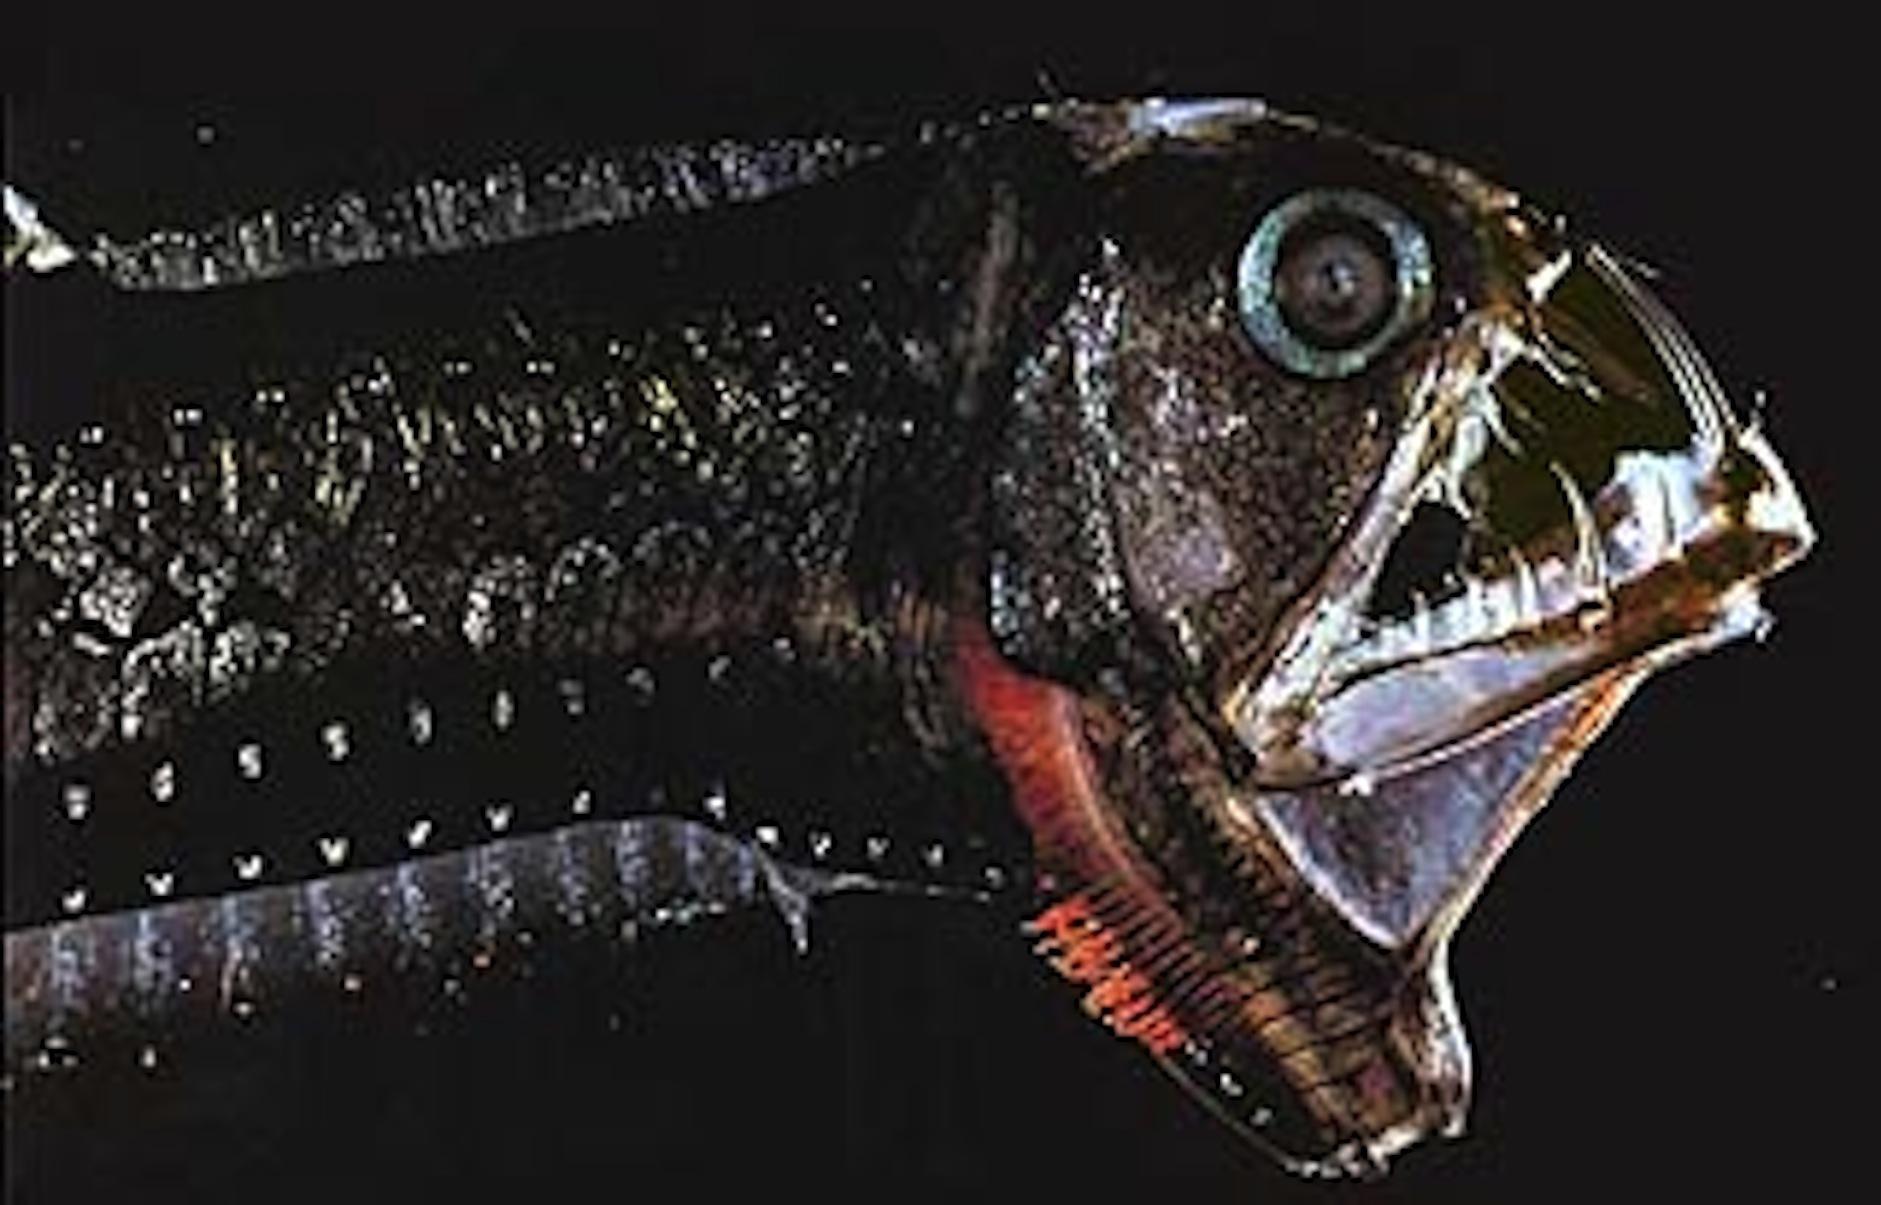 Самые страшные глубоководные рыбы фото 18 фотография